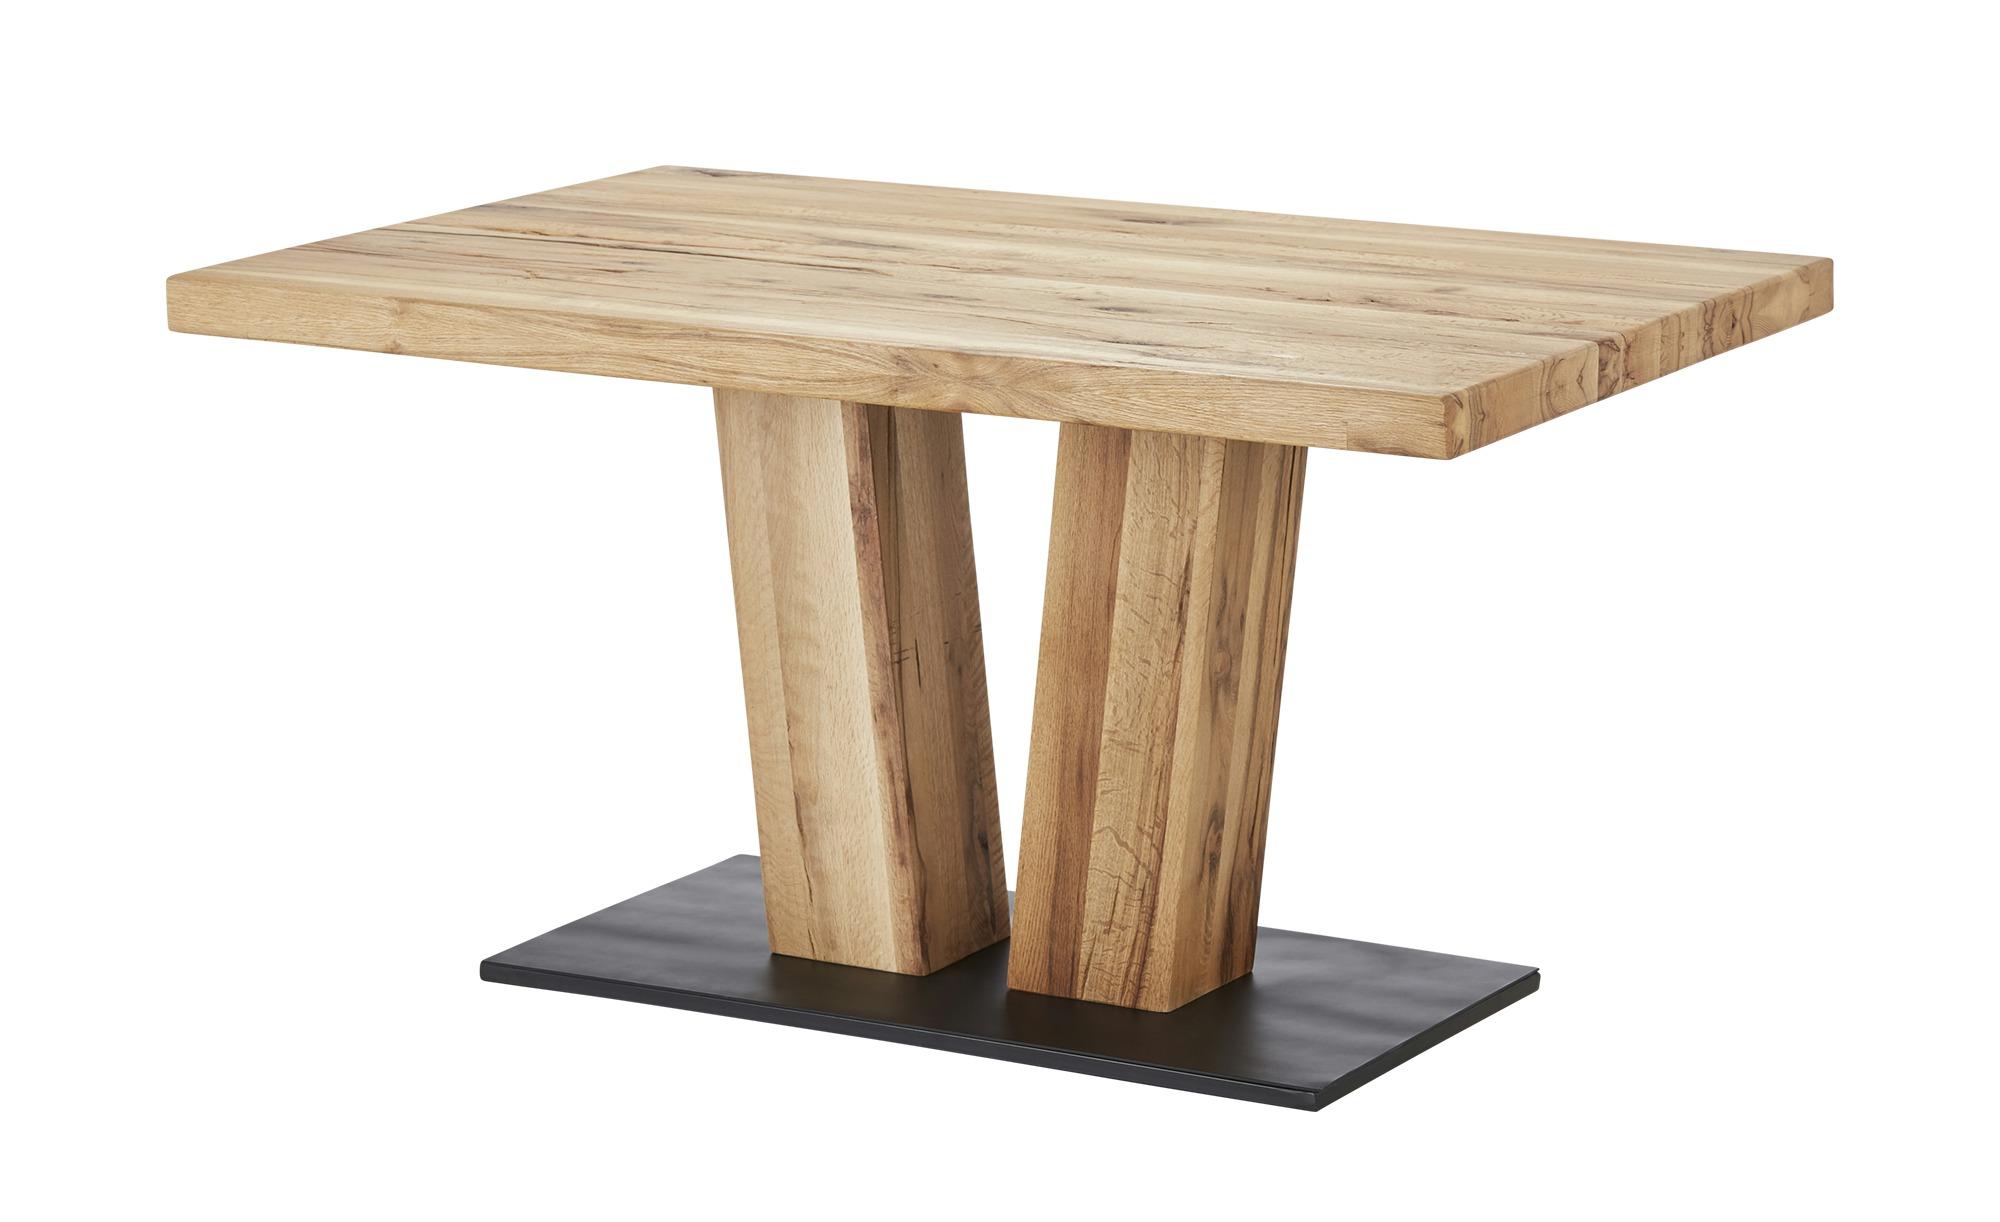 Woodford Esstisch  Alina ¦ Maße (cm): B: 100 H: 76 Tische > Esstische > Esstische massiv - Höffner